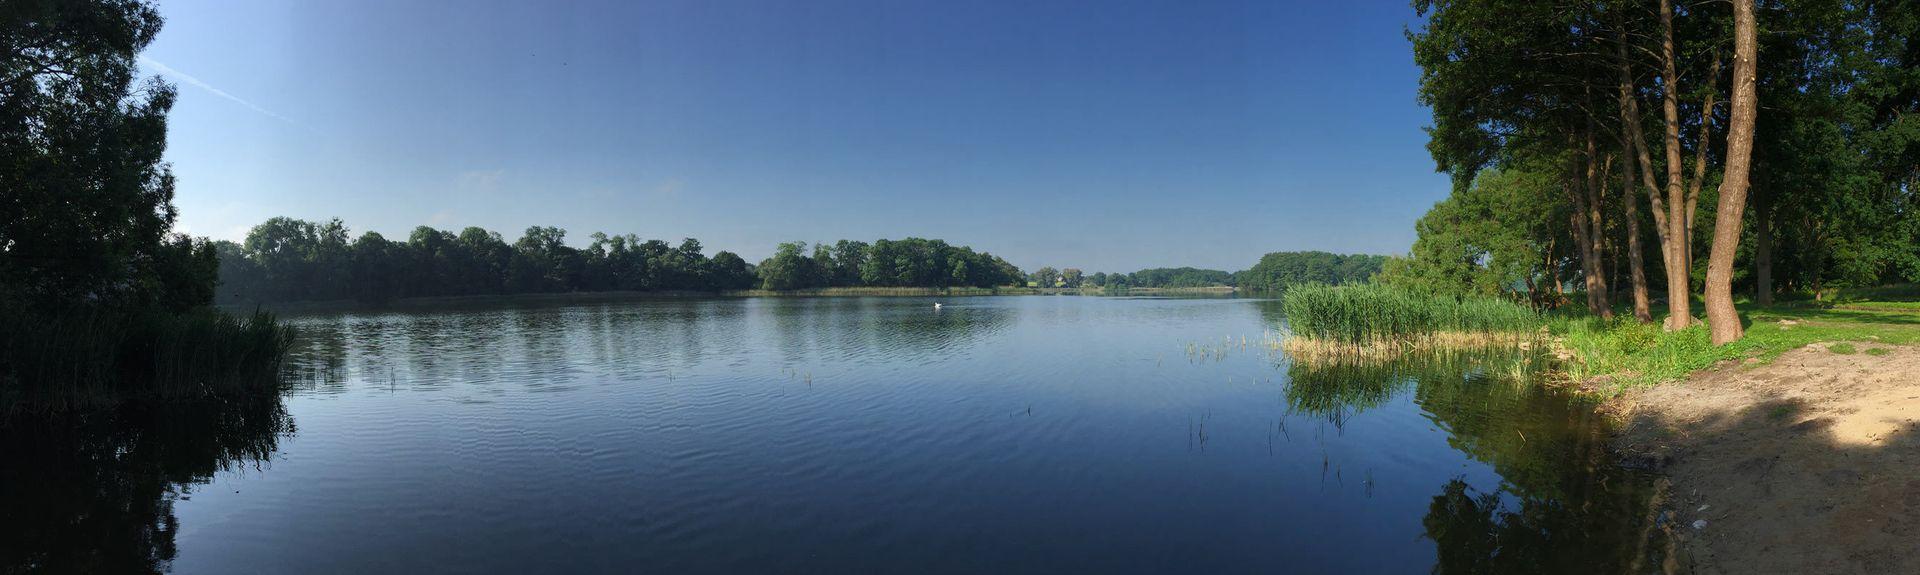 Knorrendorf, Mecklenburg-Vorpommern, Germany